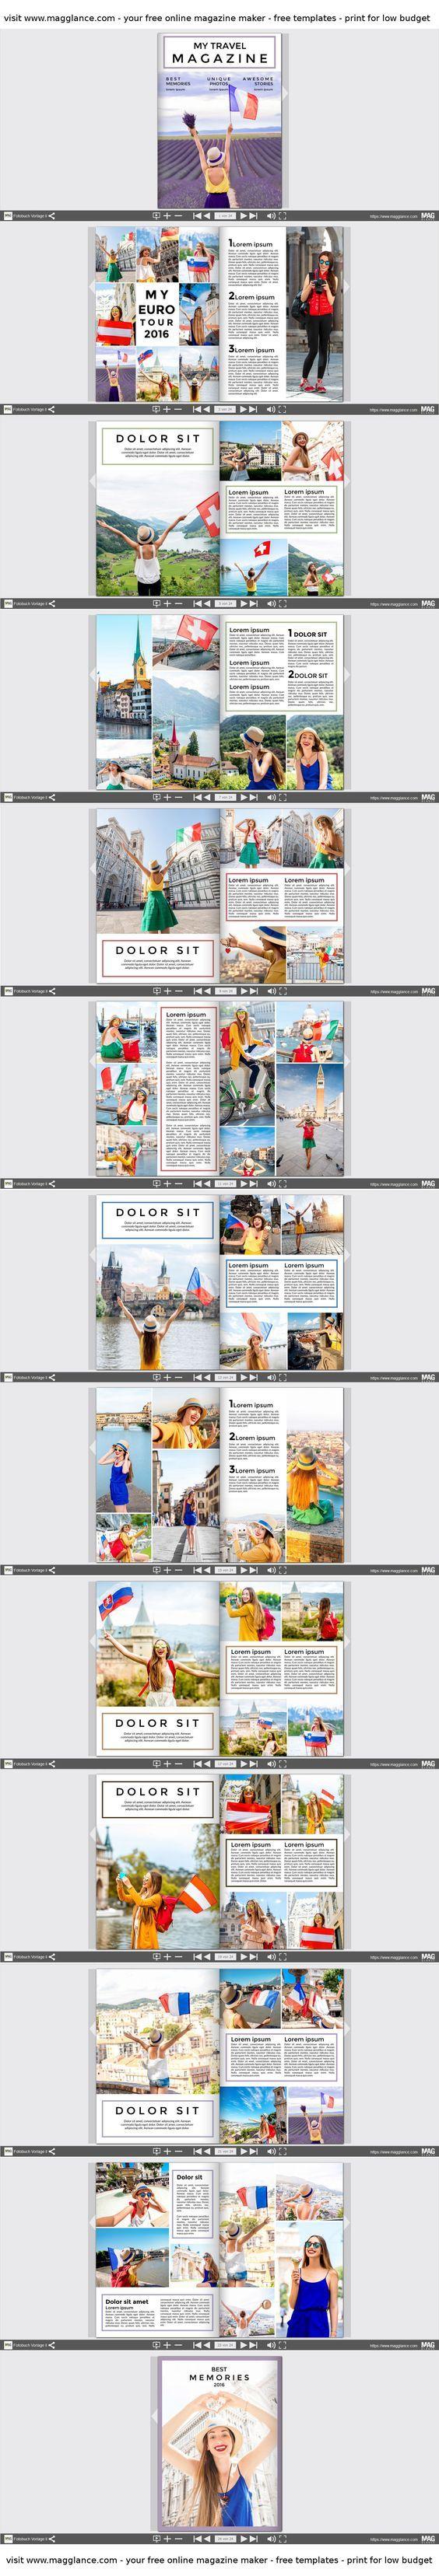 Crea gratis tu álbum de fotos online e imprímelo a buen precio en https://es.magglance.com/album-fotos/crear-album-fotos #ÁlbumFotos #Plantilla #Diseño #Modelo #Ejemplo #Template #Elaborar #Crear #Layout #RevistaFotos #Idea